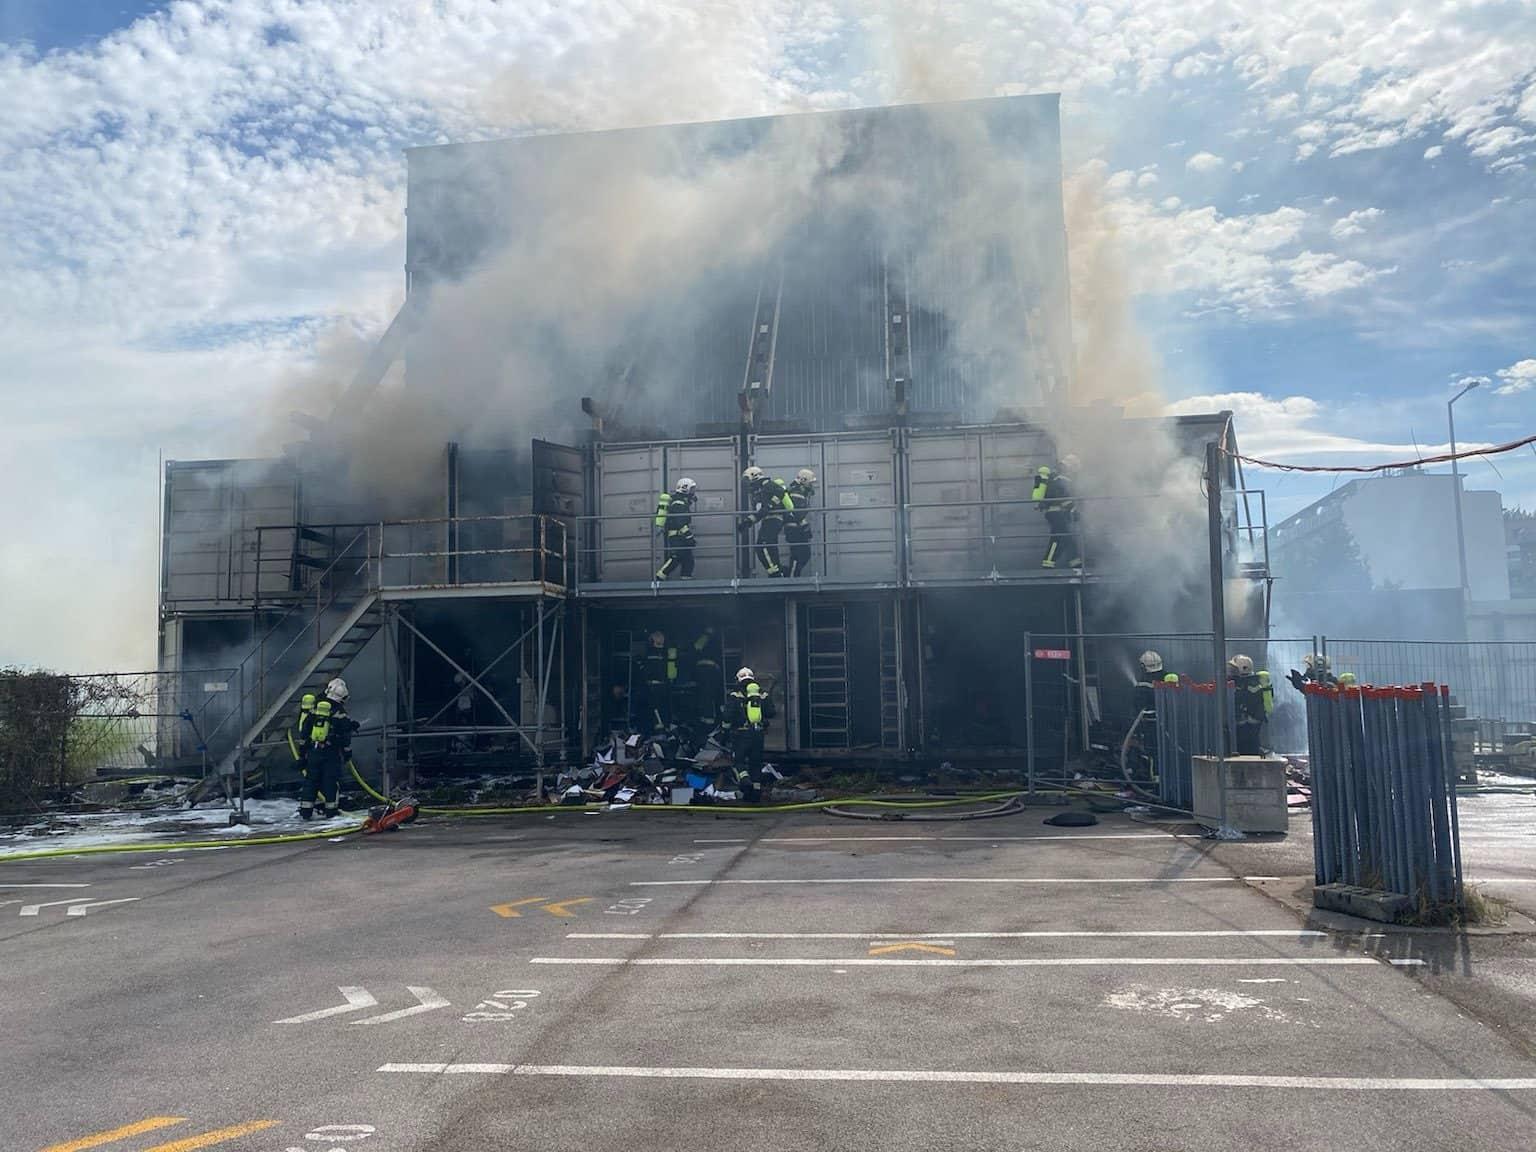 Berufsfeuerwehr löschte brennende Container